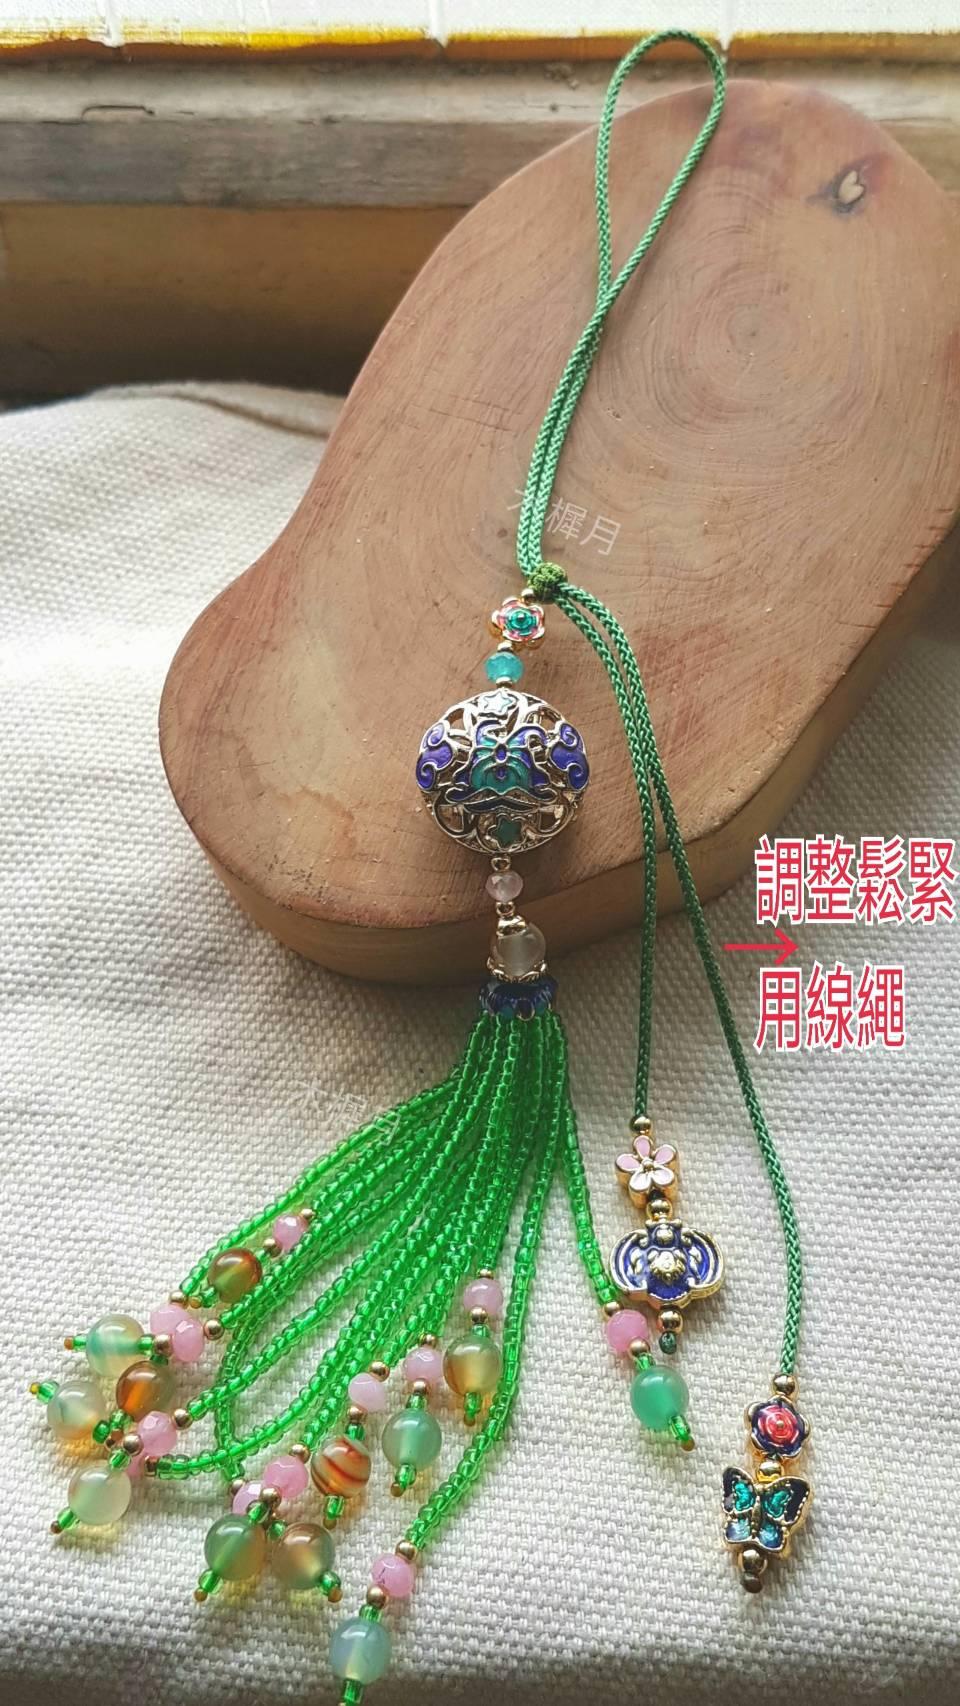 【木樨月】手工景泰藍串珠流蘇掛飾